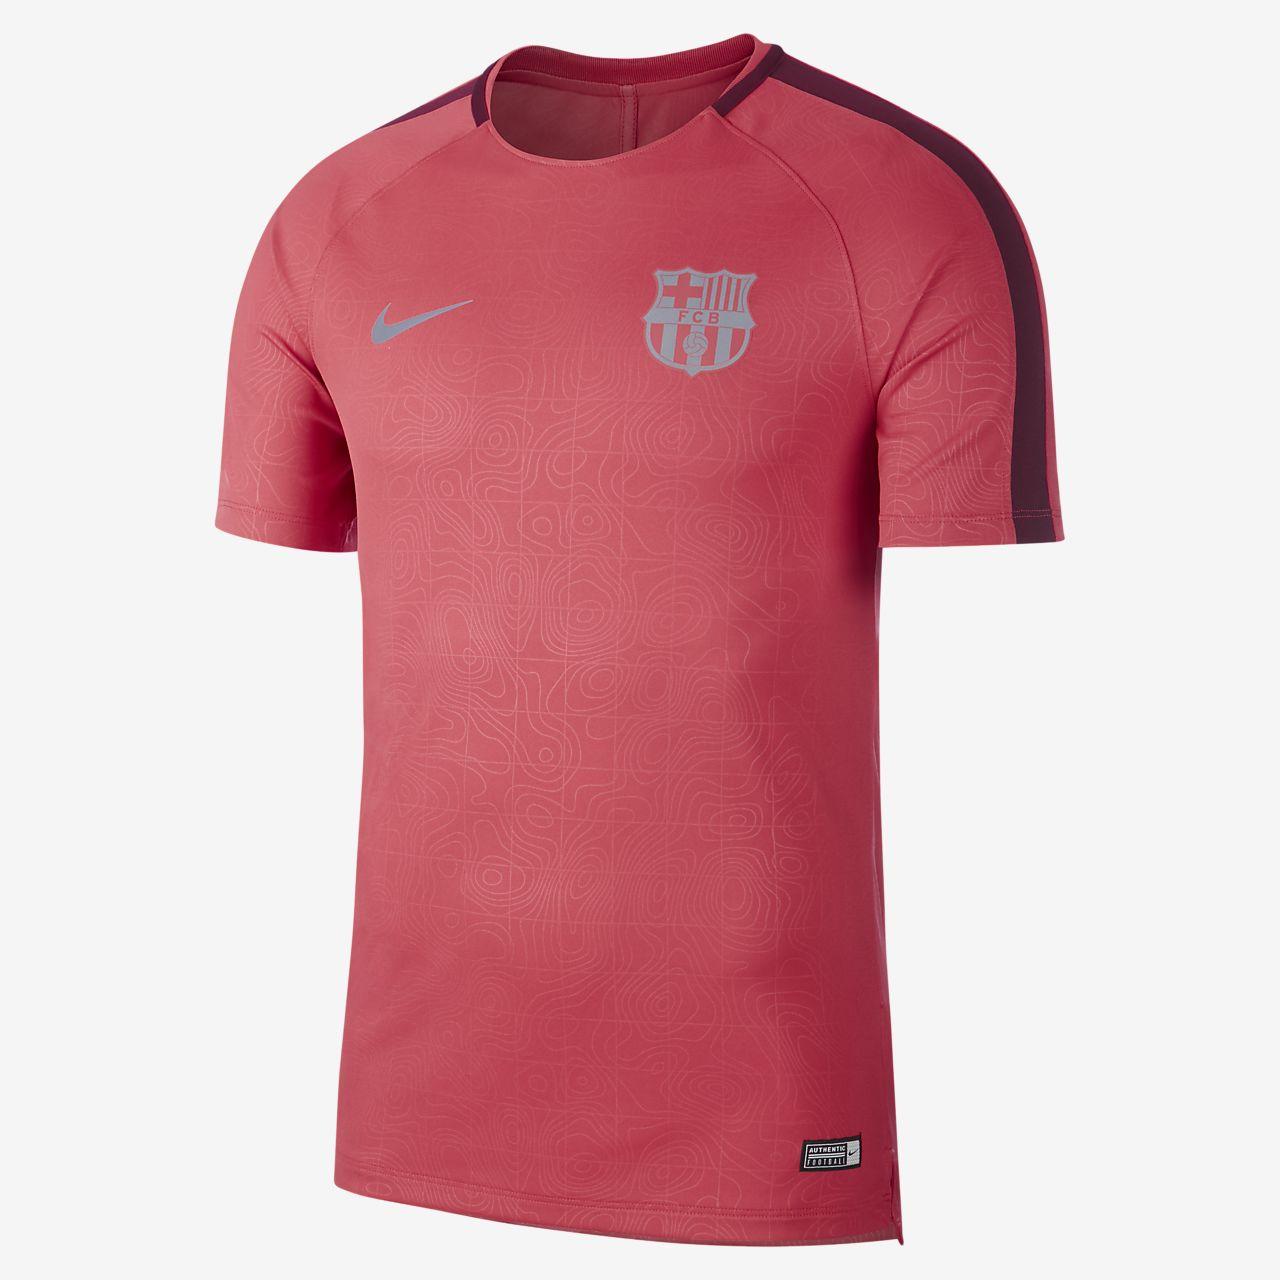 6fc97e0c542a FC Barcelona Dri-FIT Squad Men s Short-Sleeve Football Top. Nike.com GB